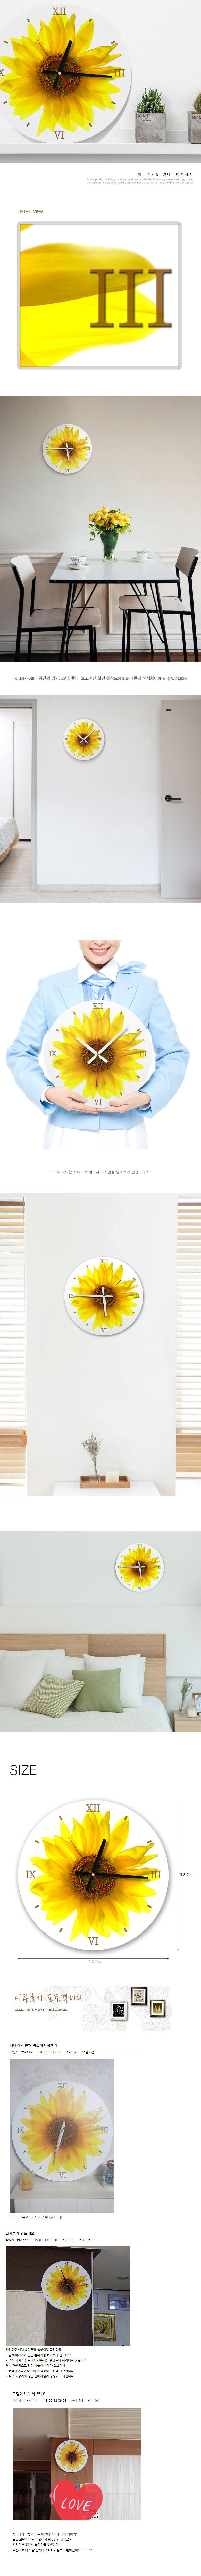 ch526-해바라기꽃_인테리어벽시계 - 꾸밈, 22,400원, 벽시계, 무소음/저소음